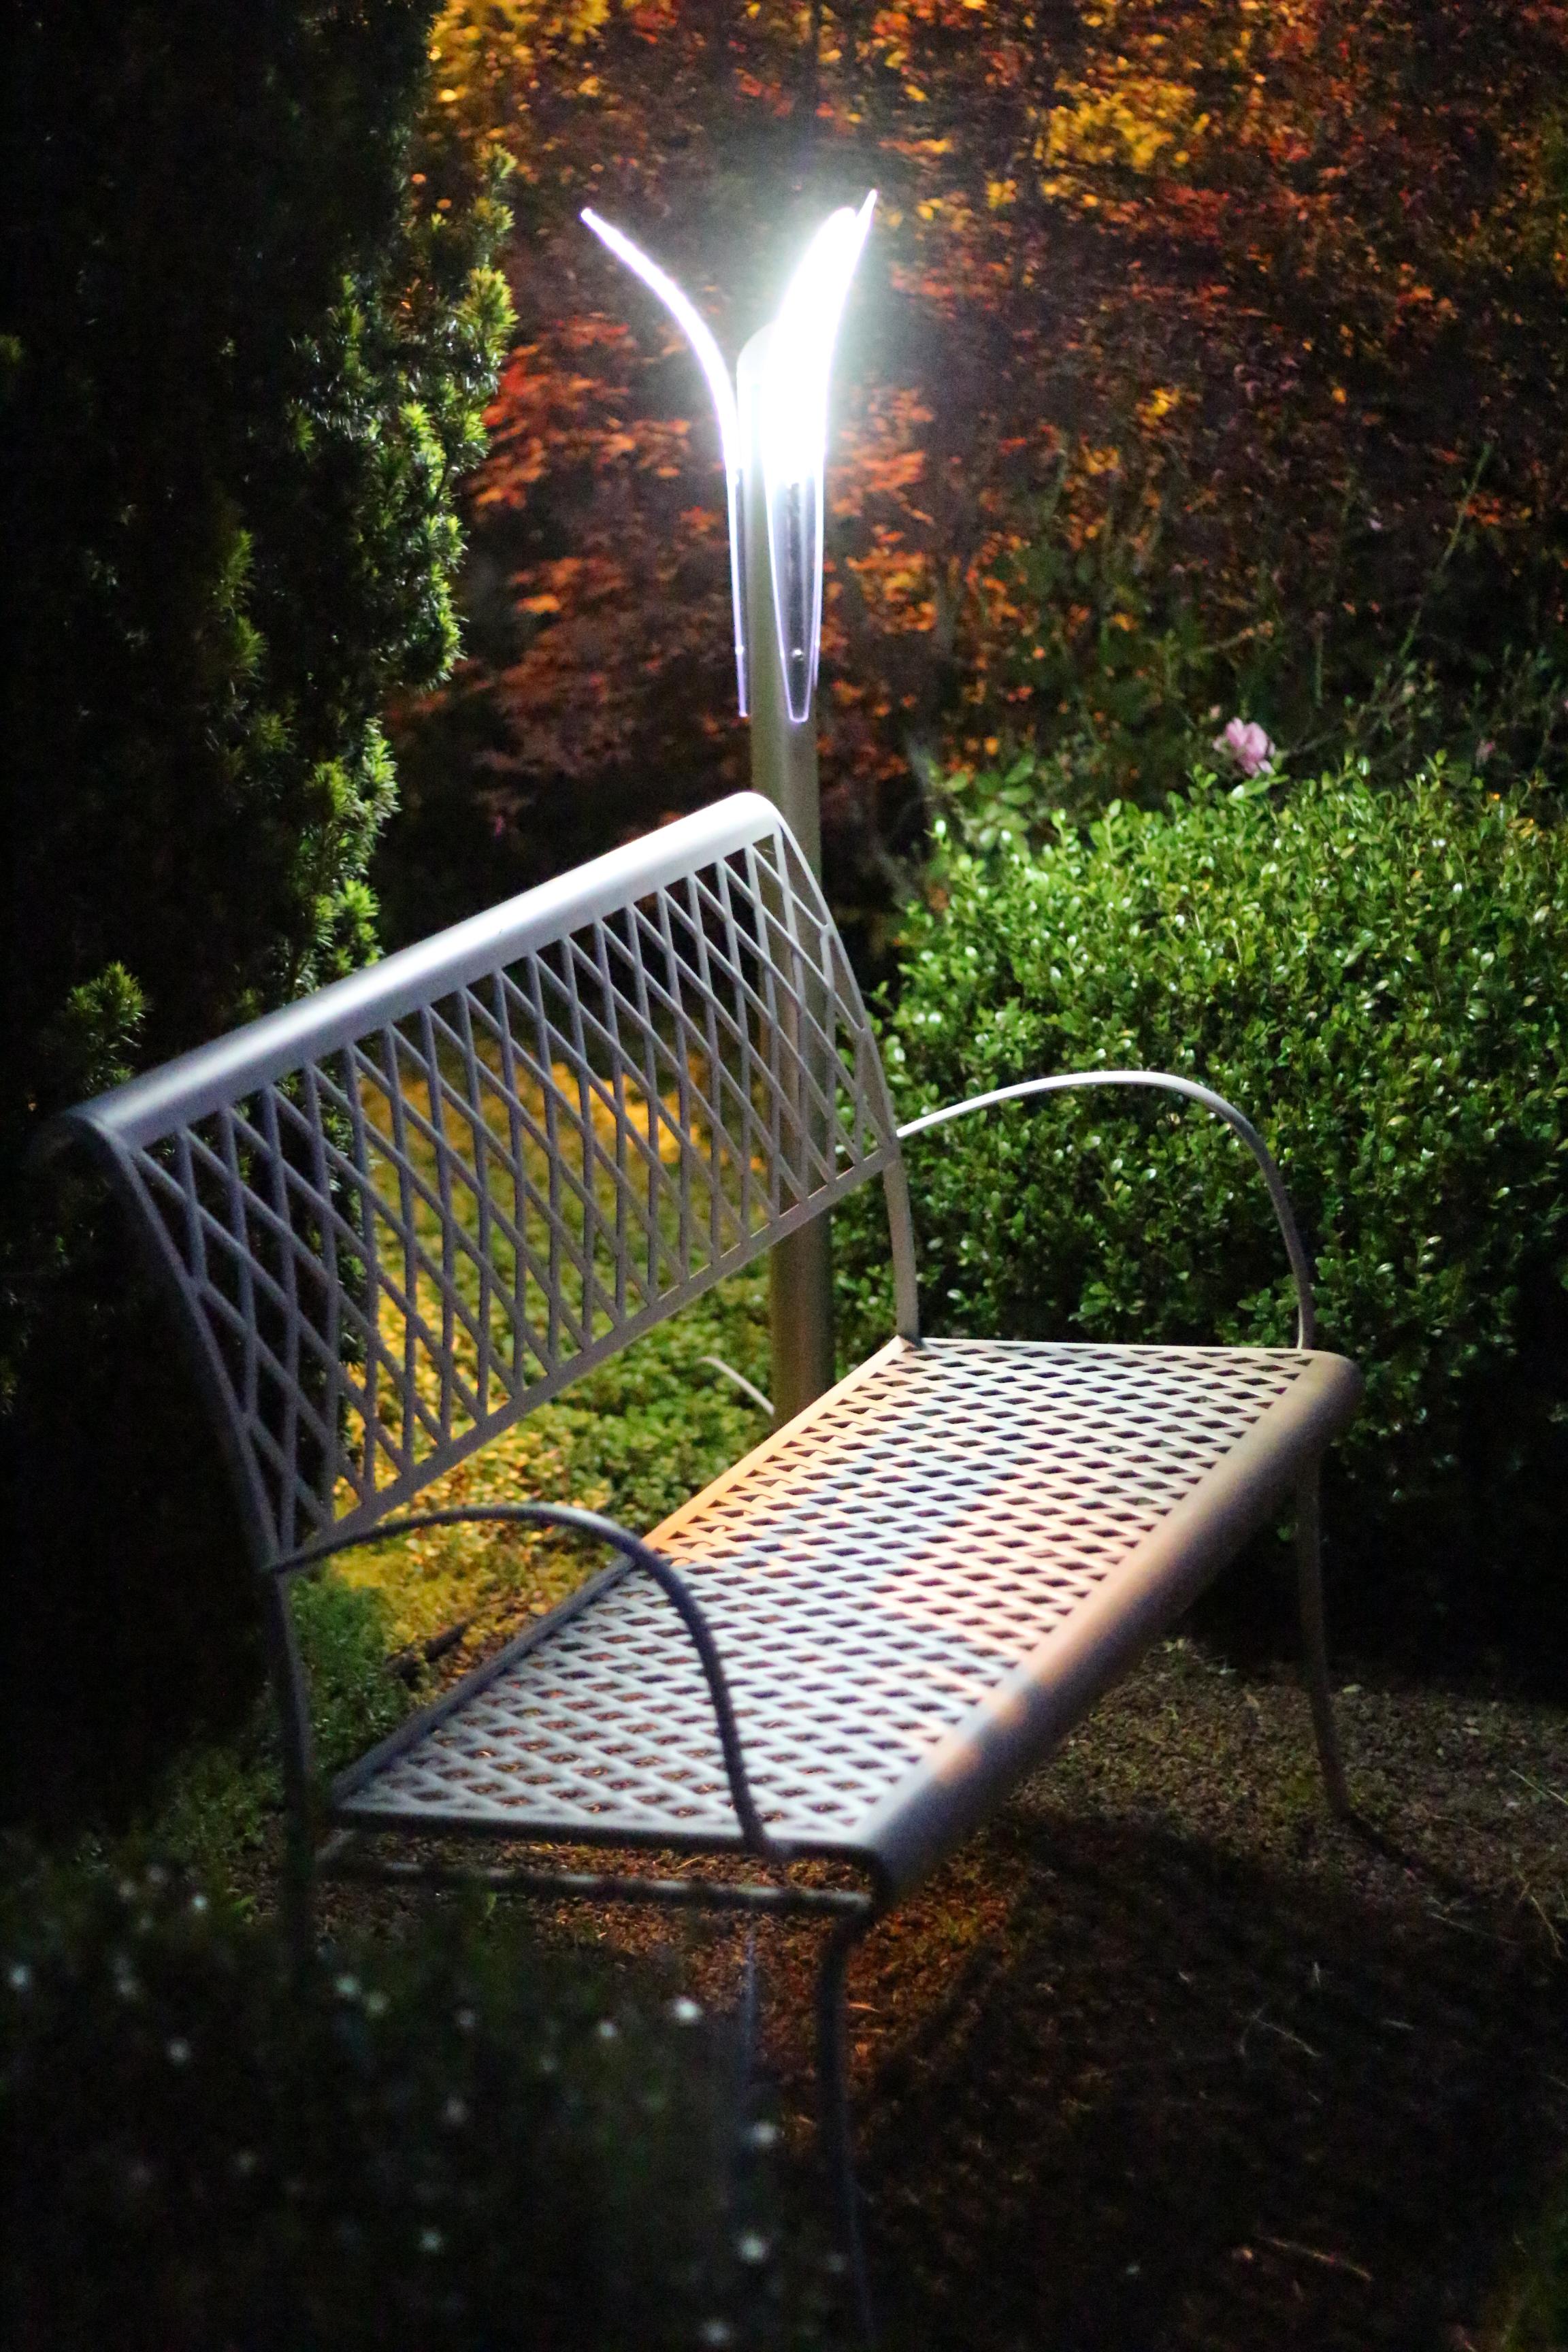 Lampioncini da Giardino LED di Design - Illuminazione Giardino